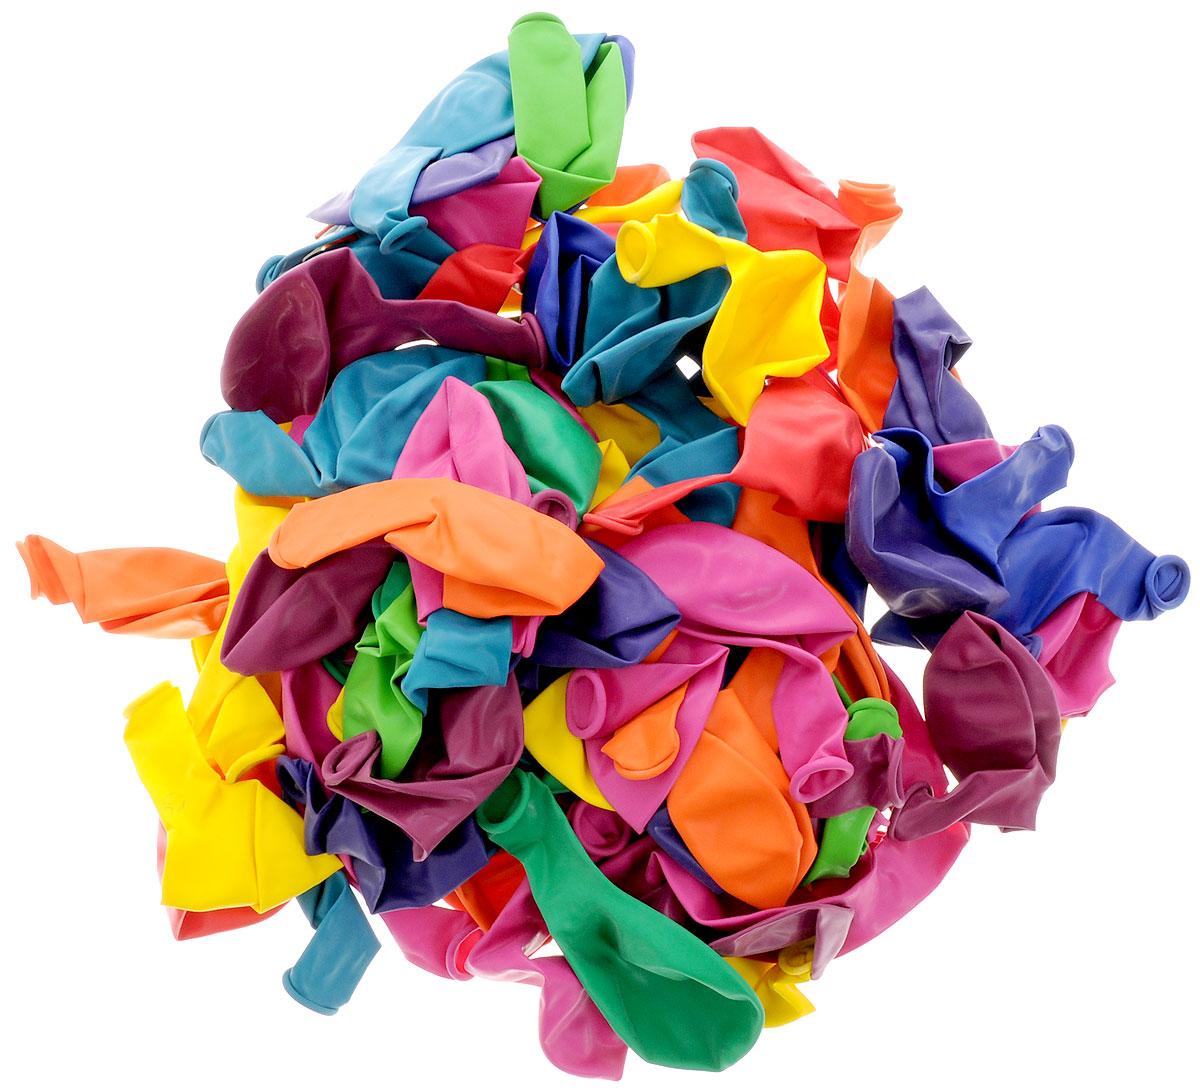 Action! Шары воздушные разноцветные 30 см 100 штAPI0050/MНабор воздушных шаров Action! включает в себя 100 разноцветных шариков. Изготовлены из прочного натурального латекса. Воздушные шарики помогут украсить место вашего праздника или праздничный стол. Эти яркие праздничные аксессуары поднимут настроение вам и вашим гостям!